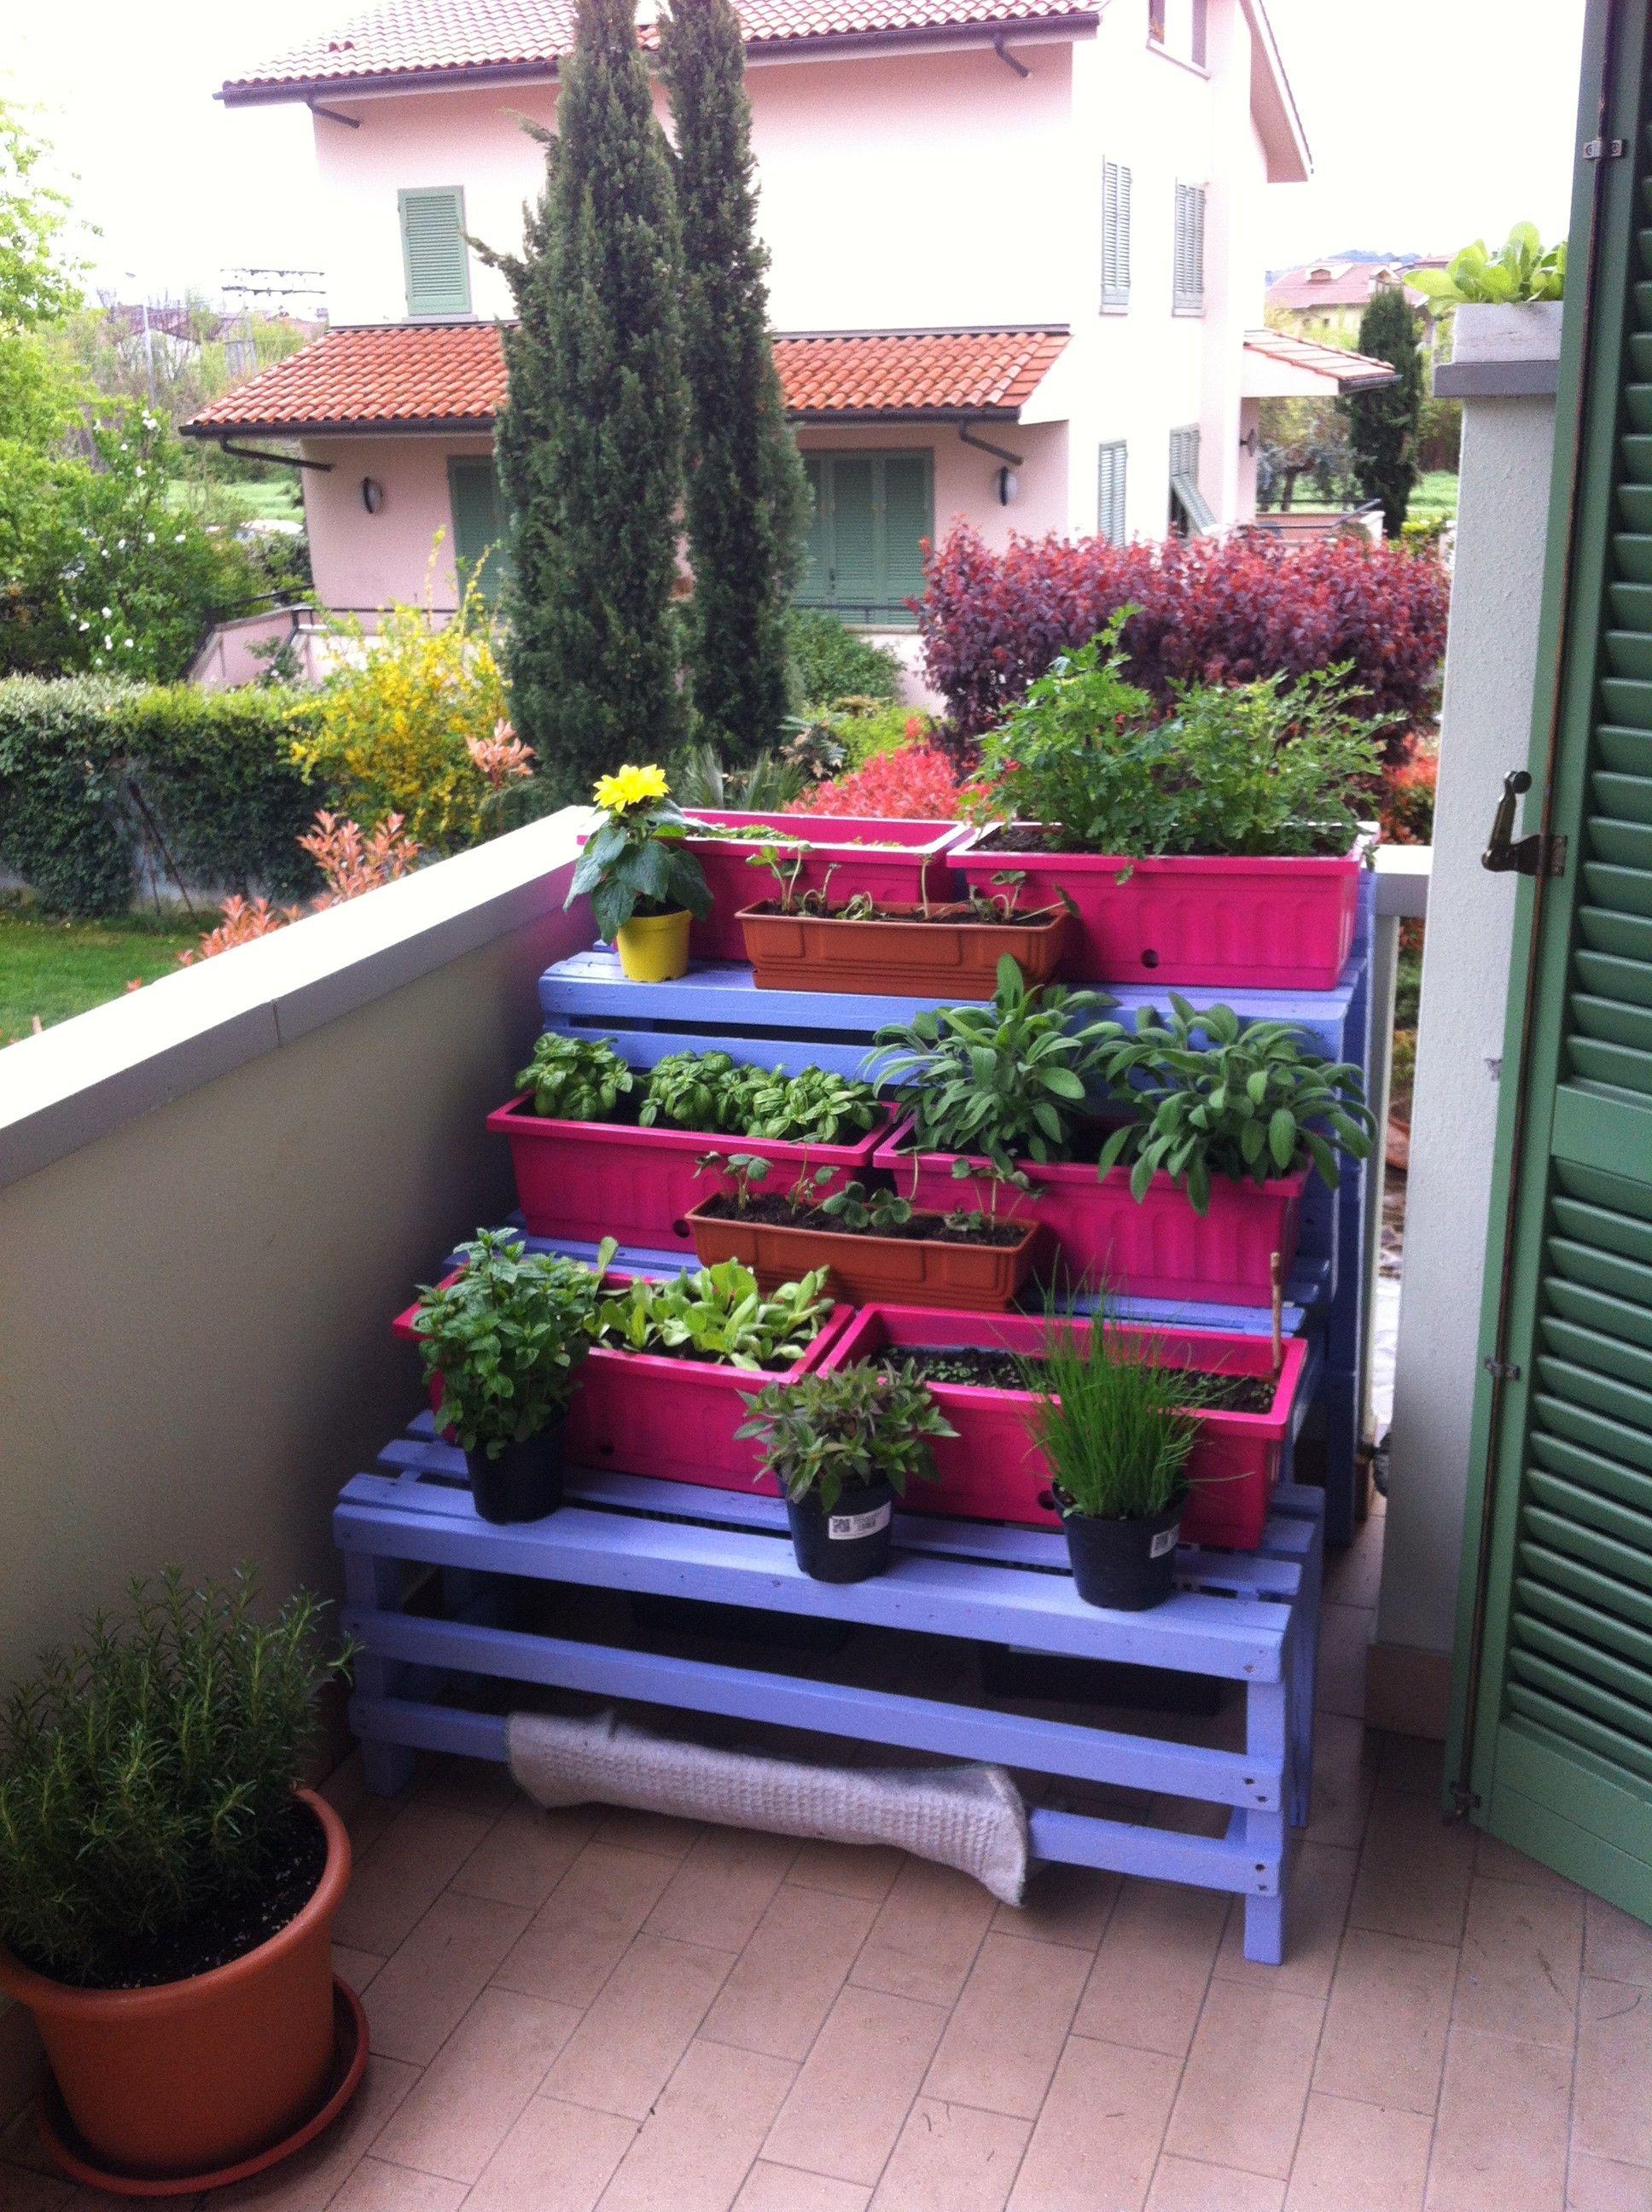 Realizzare un Orto Sul Balcone con Pallet riciclati | Balconies ...